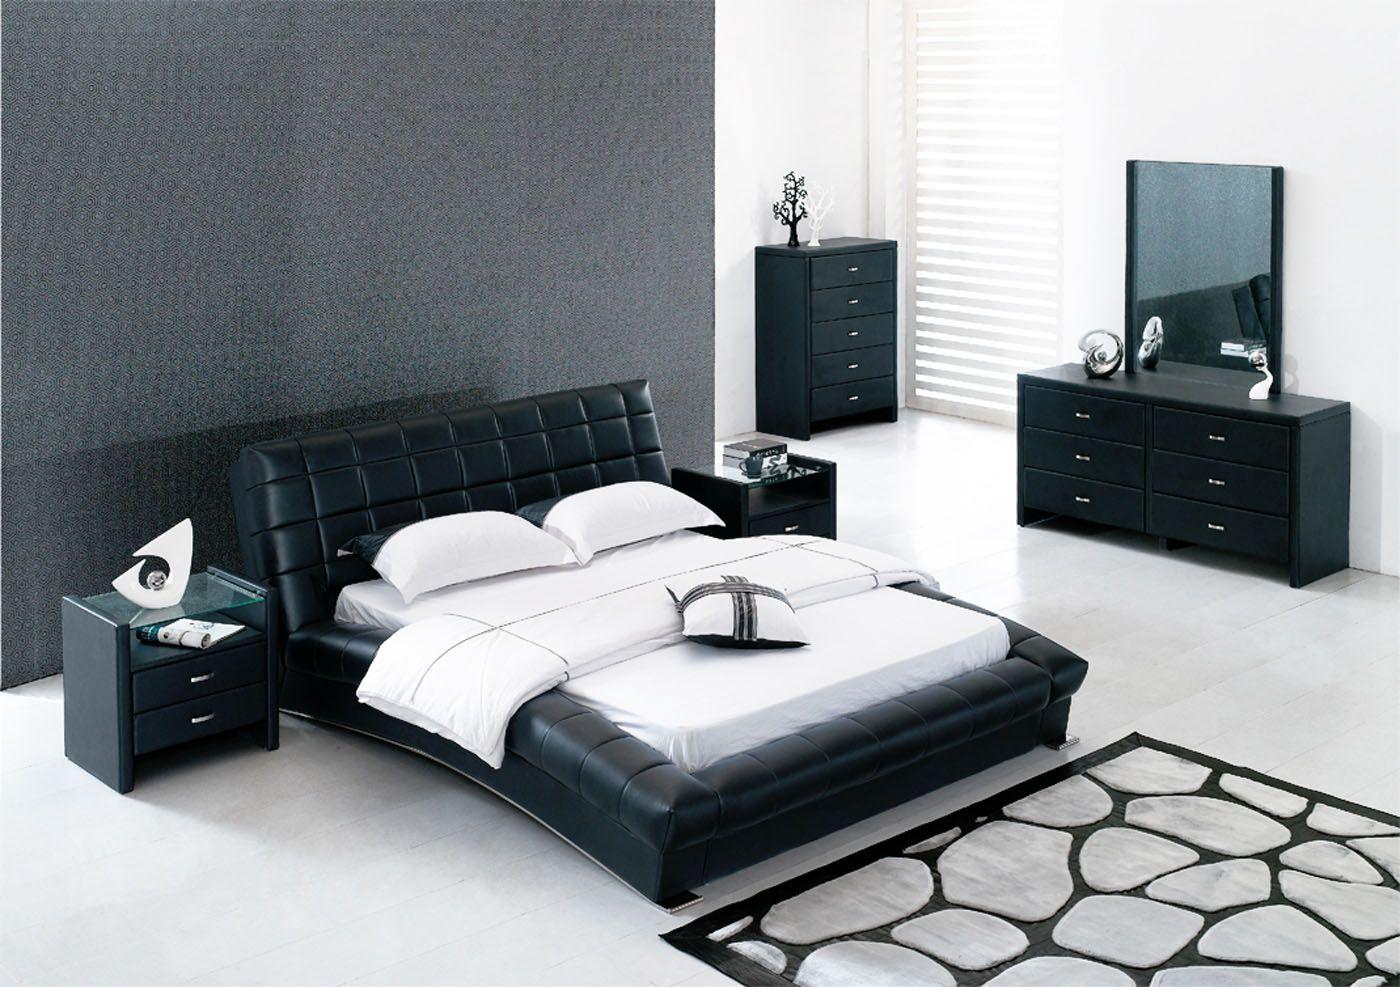 Bachelor Bedroom Sets. bachelors bedroom bachelor pad 6 ...